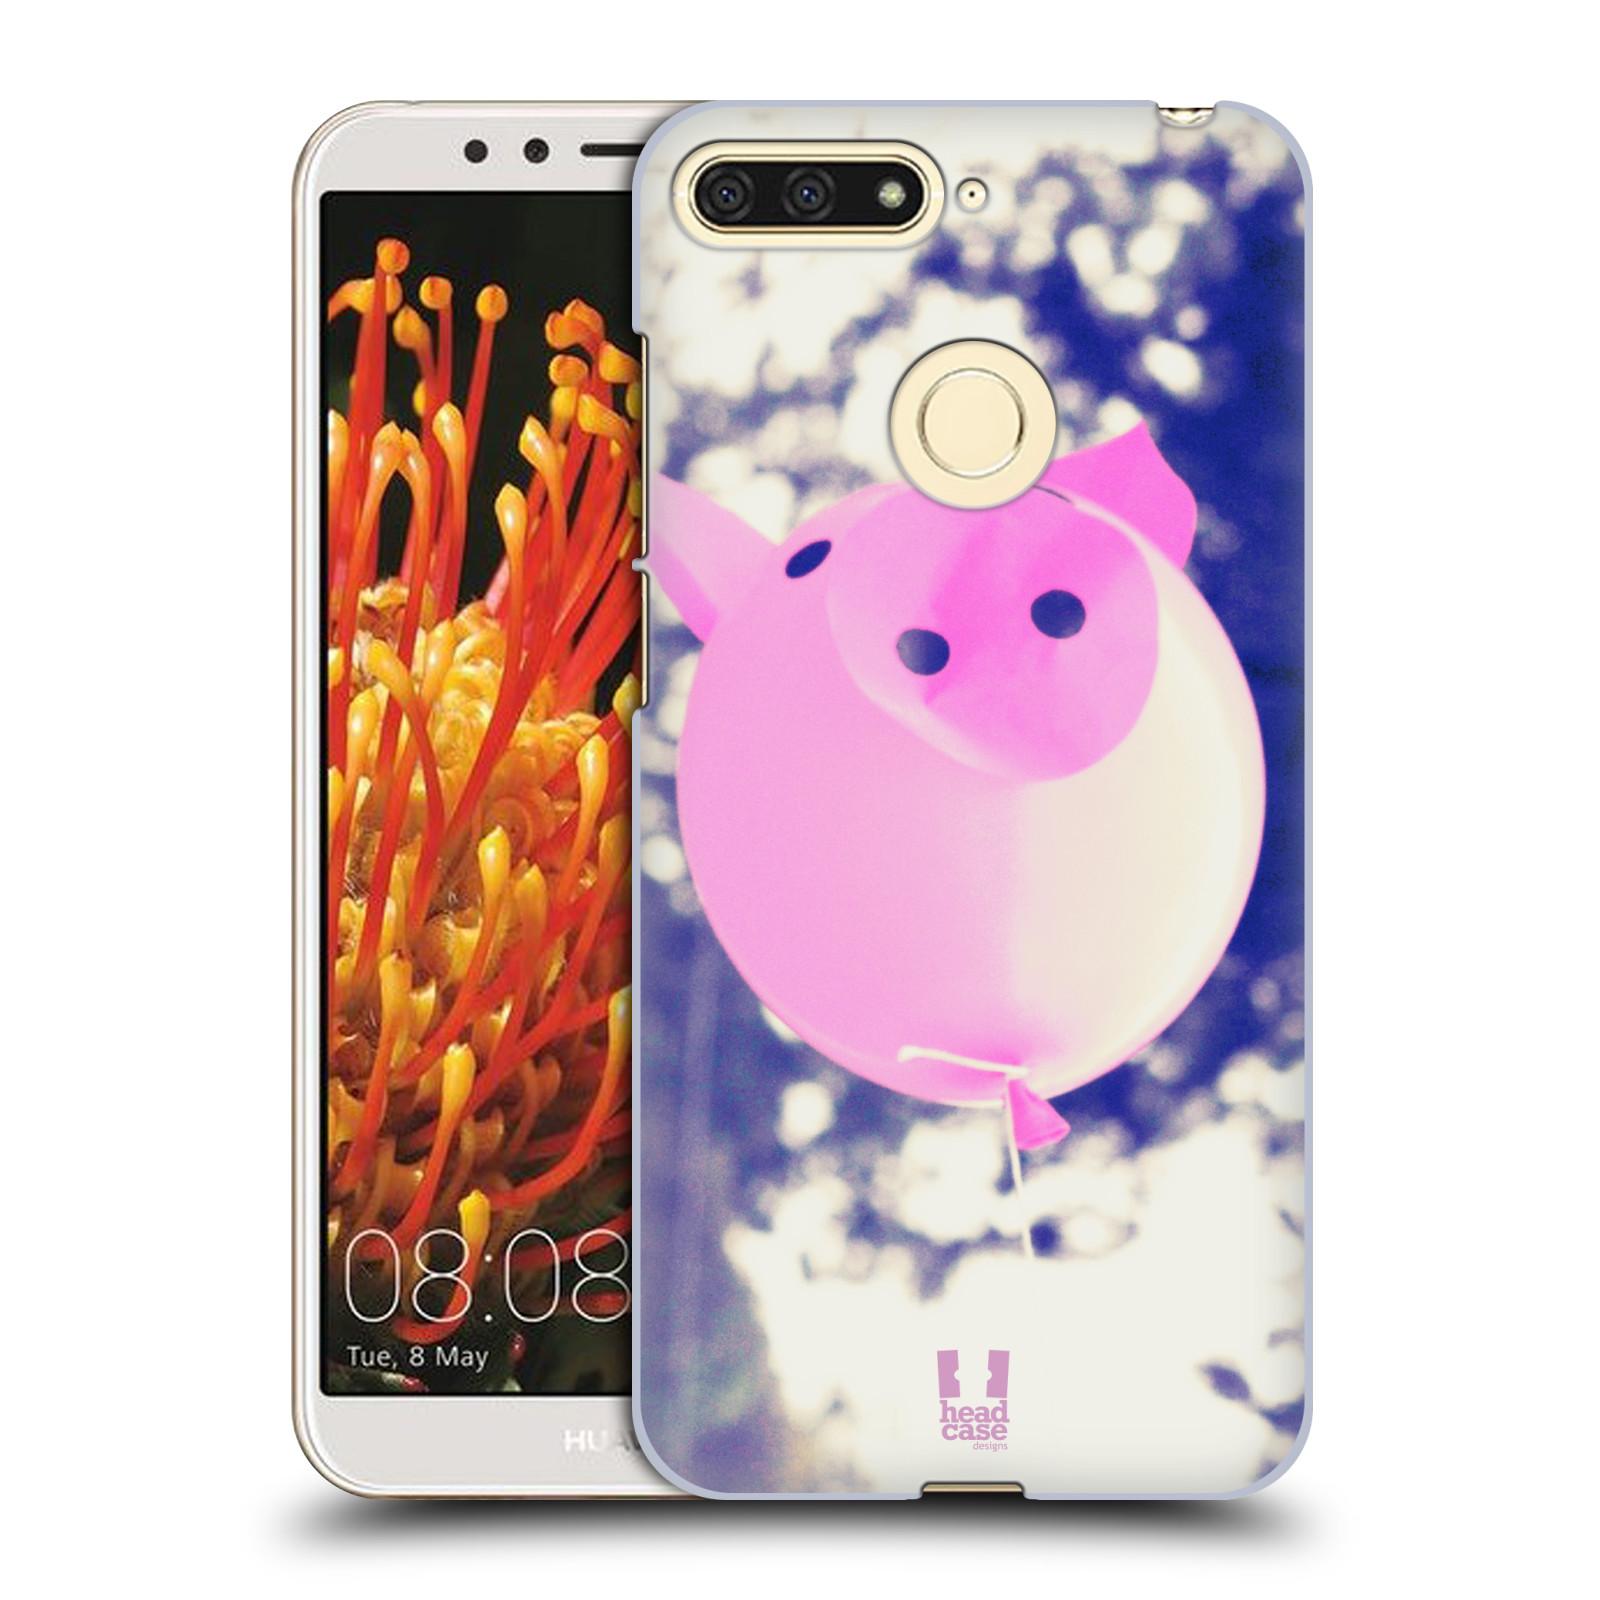 Plastové pouzdro na mobil Huawei Y6 Prime 2018 - Head Case - BALON PAŠÍK